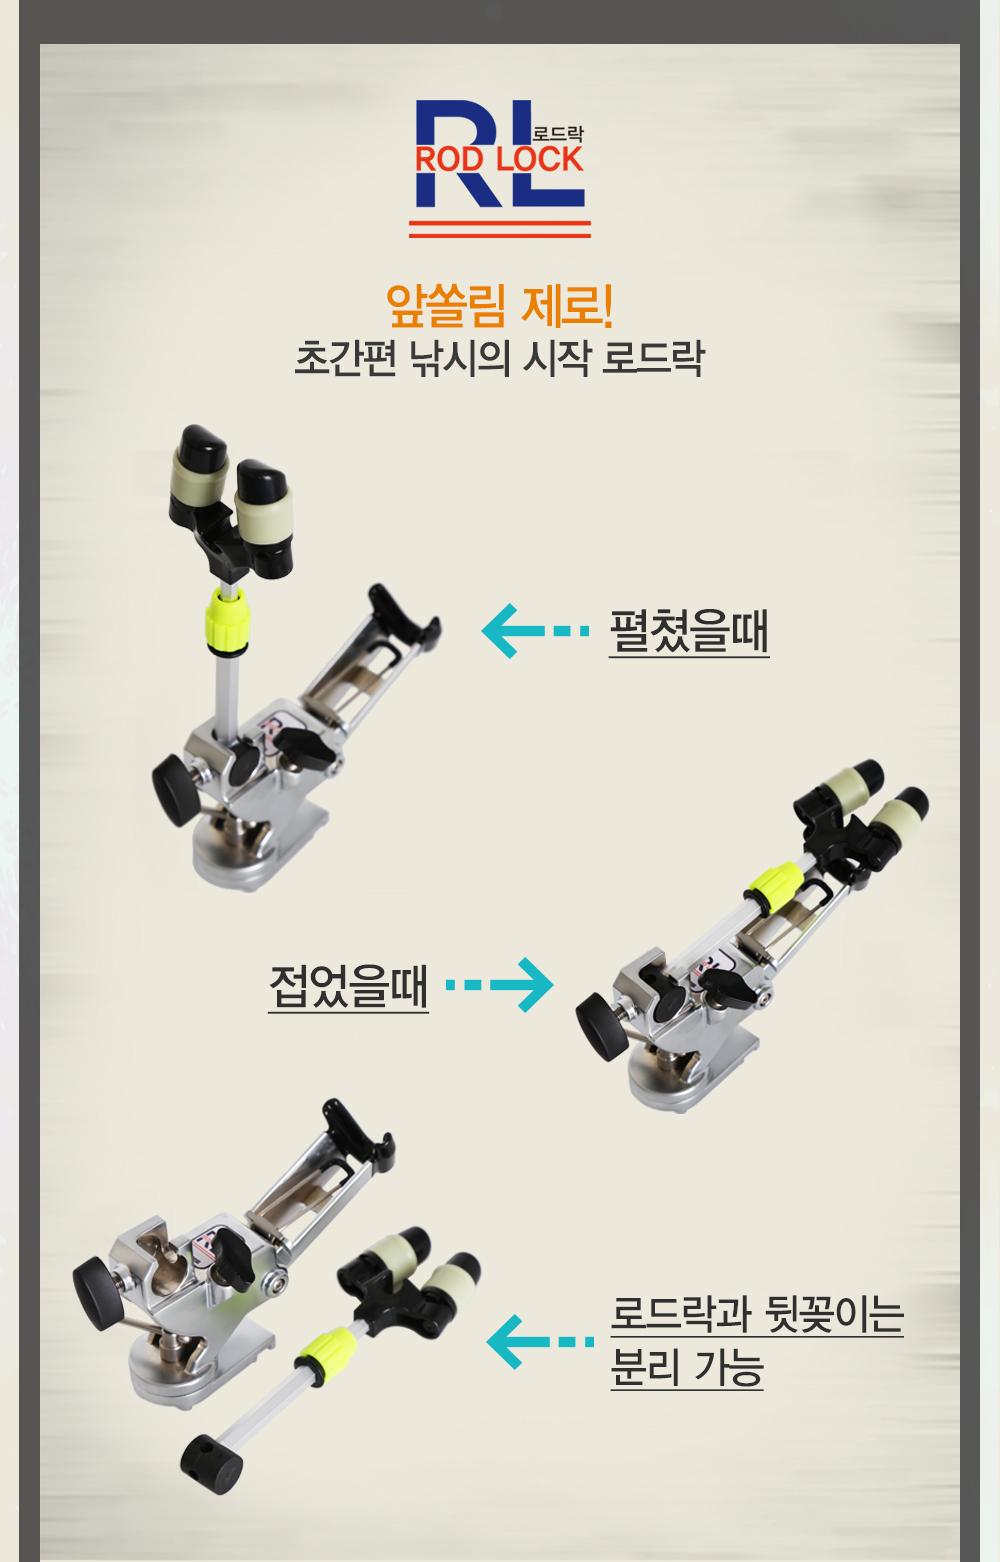 아피스 중층클램프 세트 [헤드뭉치세트] 오뚜기받침틀,민물받침틀